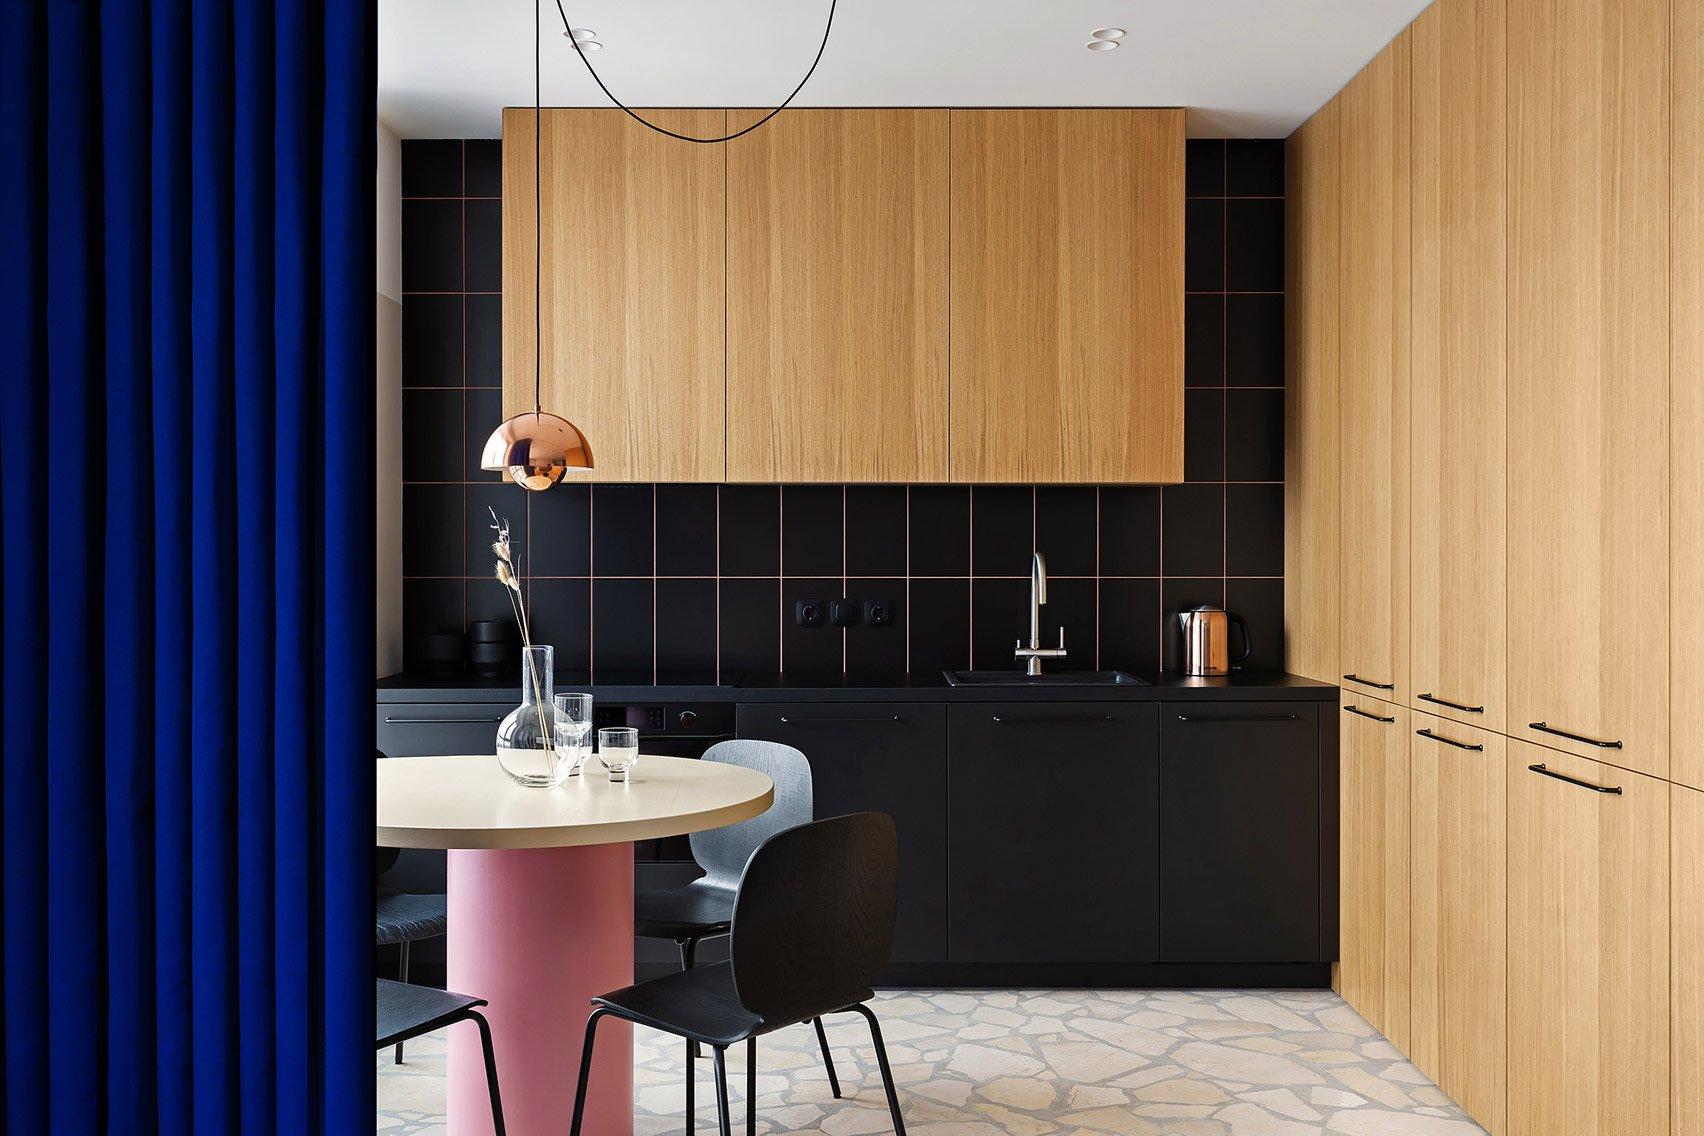 butas Egr-apartment-ater-architects-kyiv-ukraine-architecture_dezeen_1704_col_0